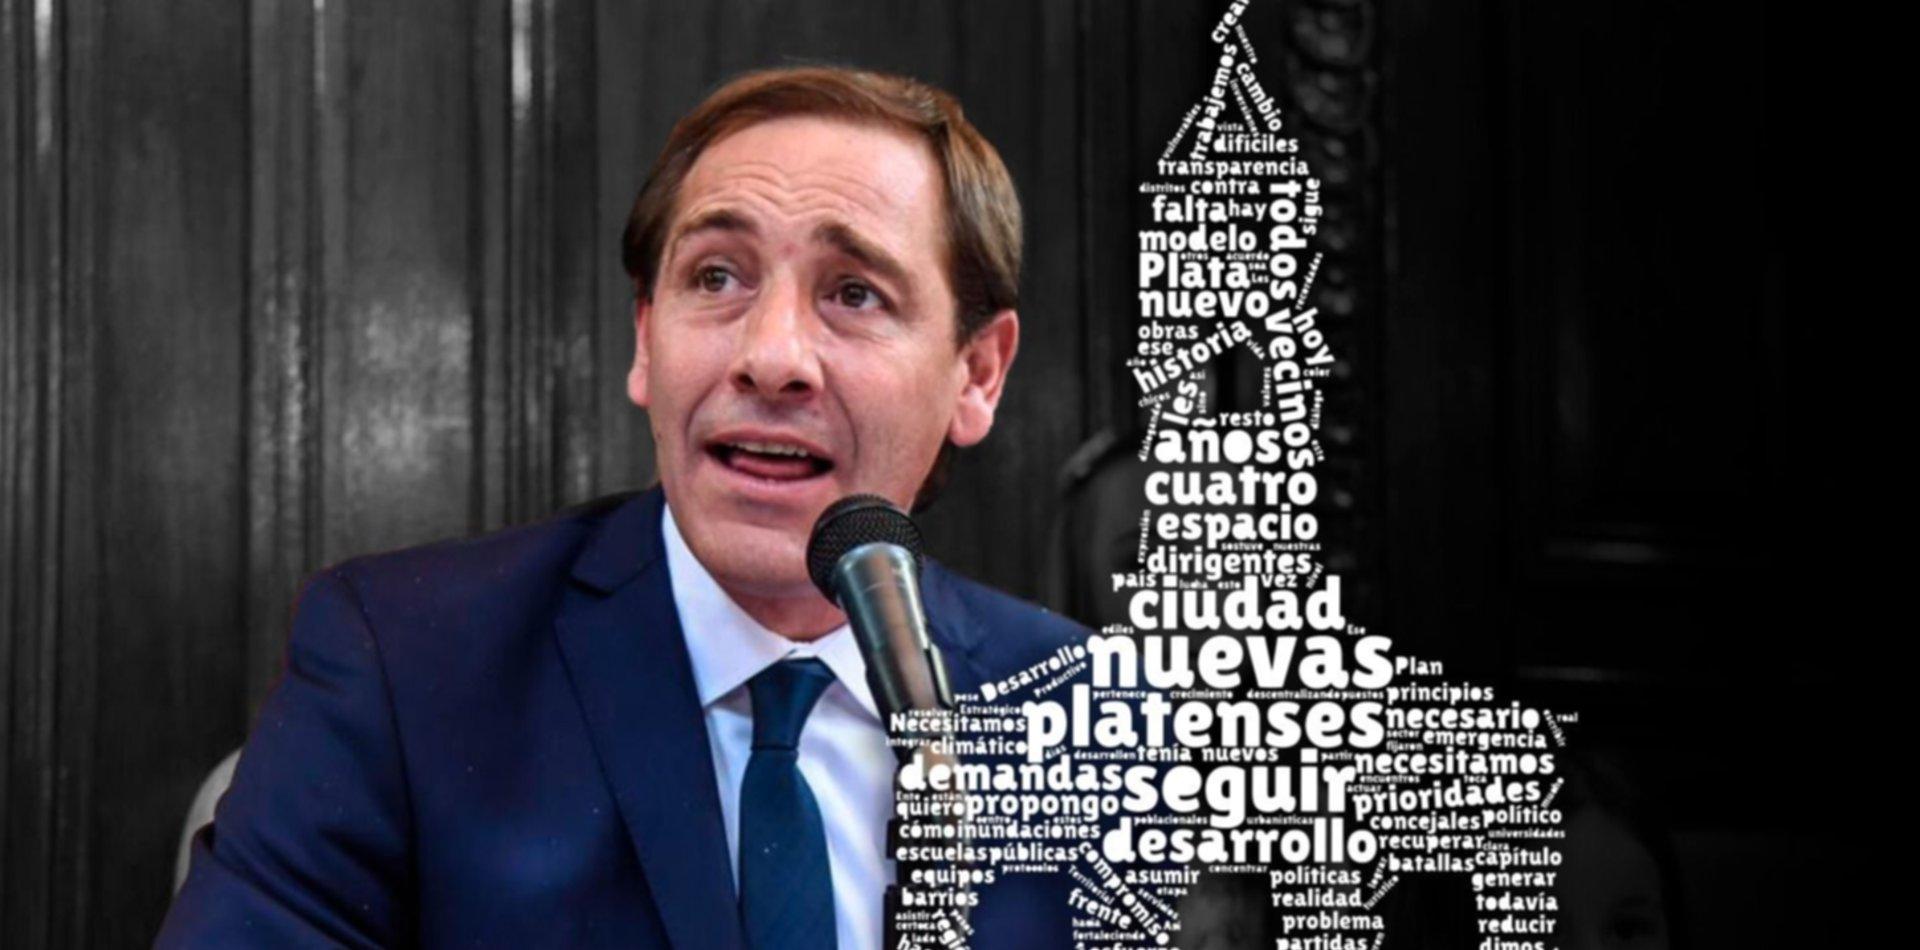 Platenses, ciudad y desarrollo,  las palabras más usadas por Garro en su discurso